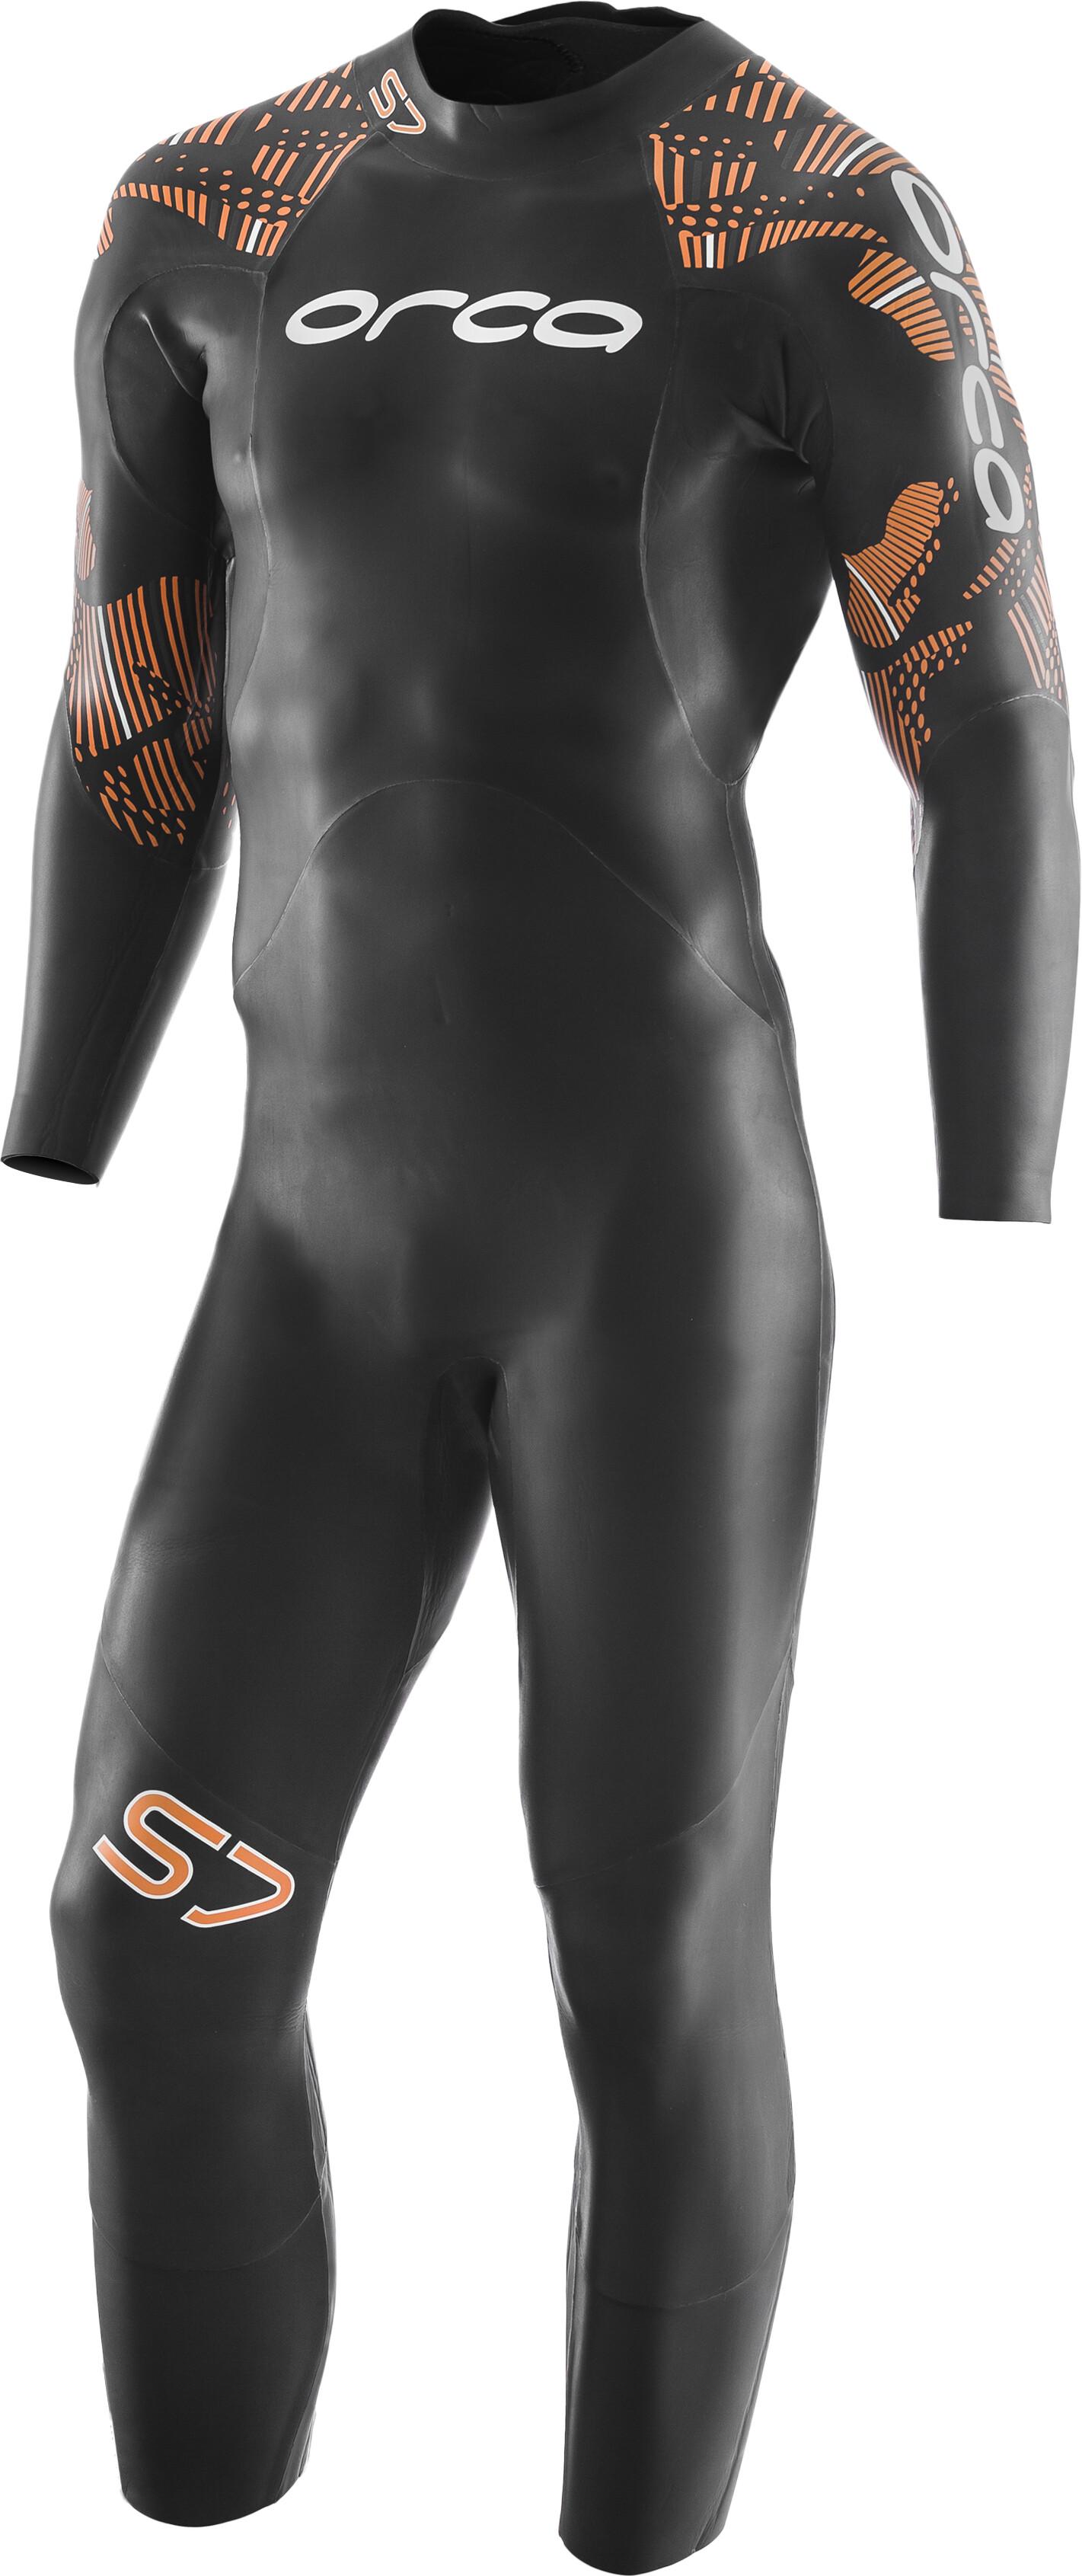 3e201b74e6fa67 ORCA S7 Pianka Mężczyźni, black | Sklep Bikester.pl